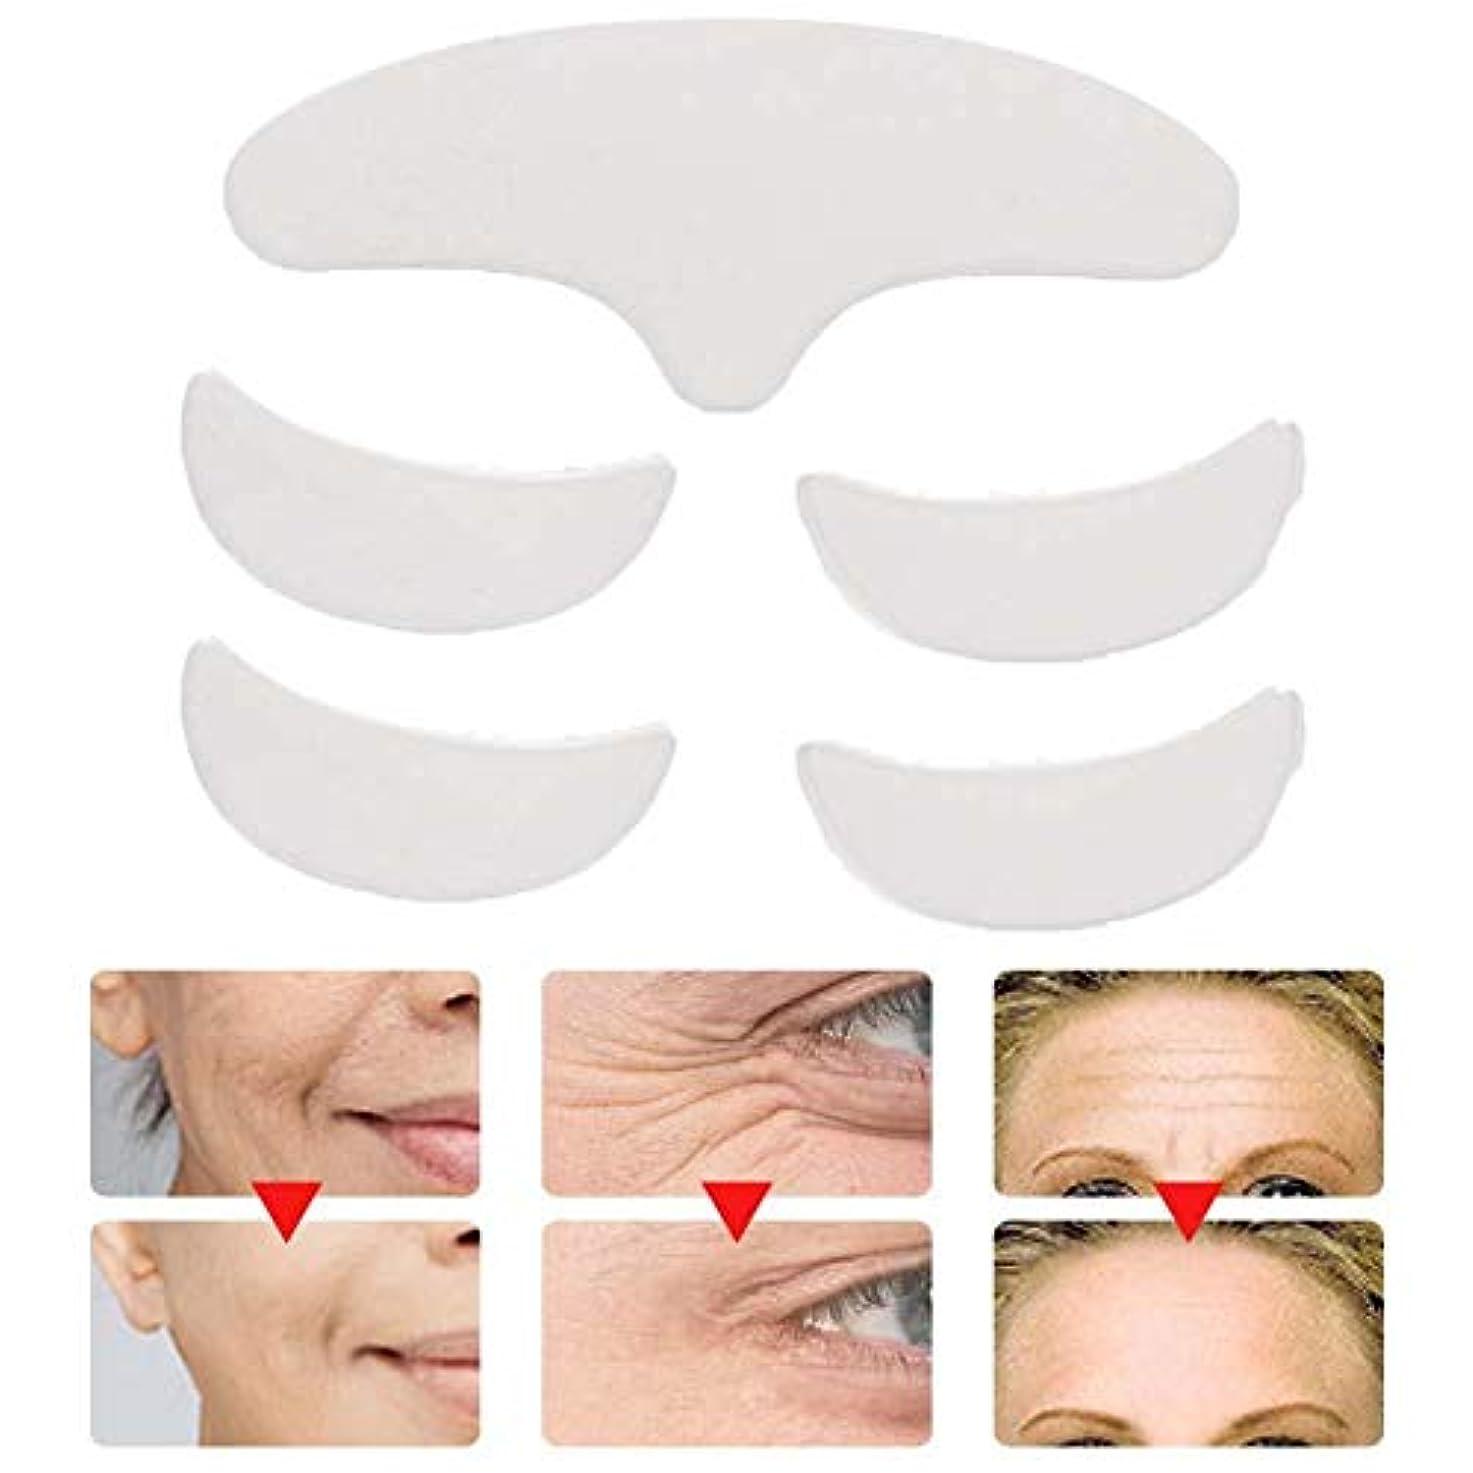 5個再利用可能な洗える額の目の顔のパッチ、抗しわパッドスキンリフティングシリコーンパッチ